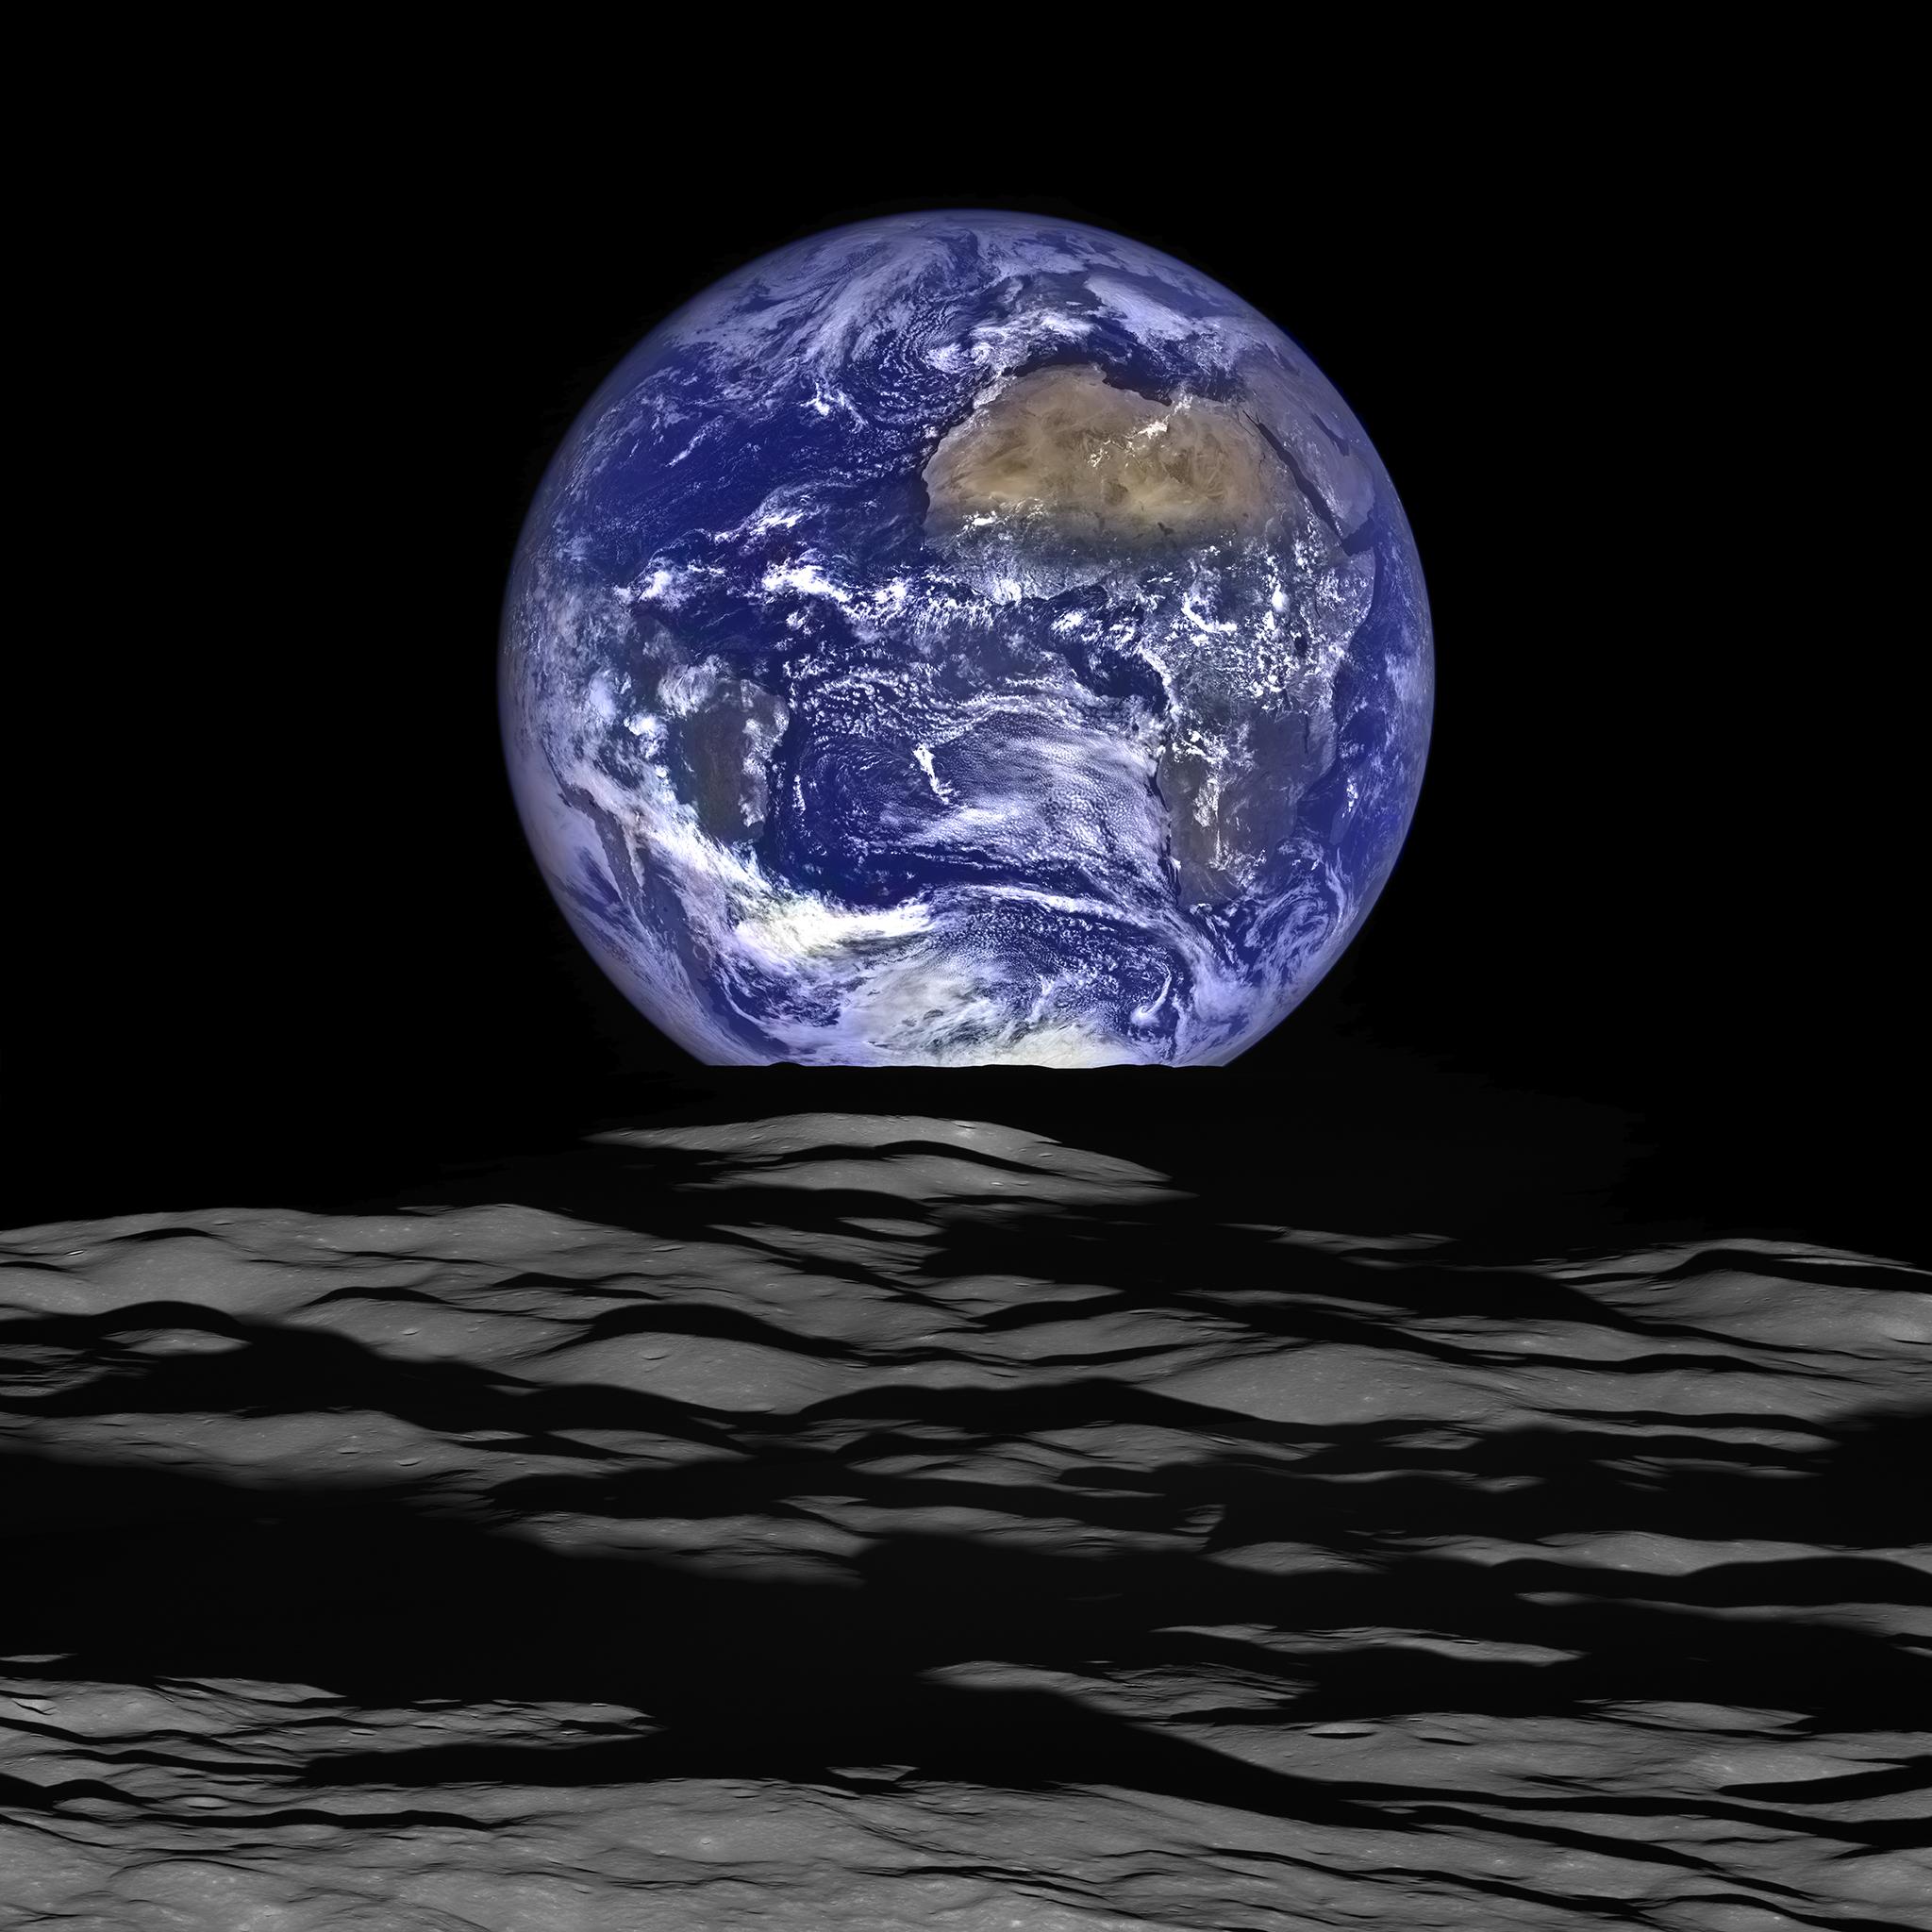 LROが撮影した満地球の出